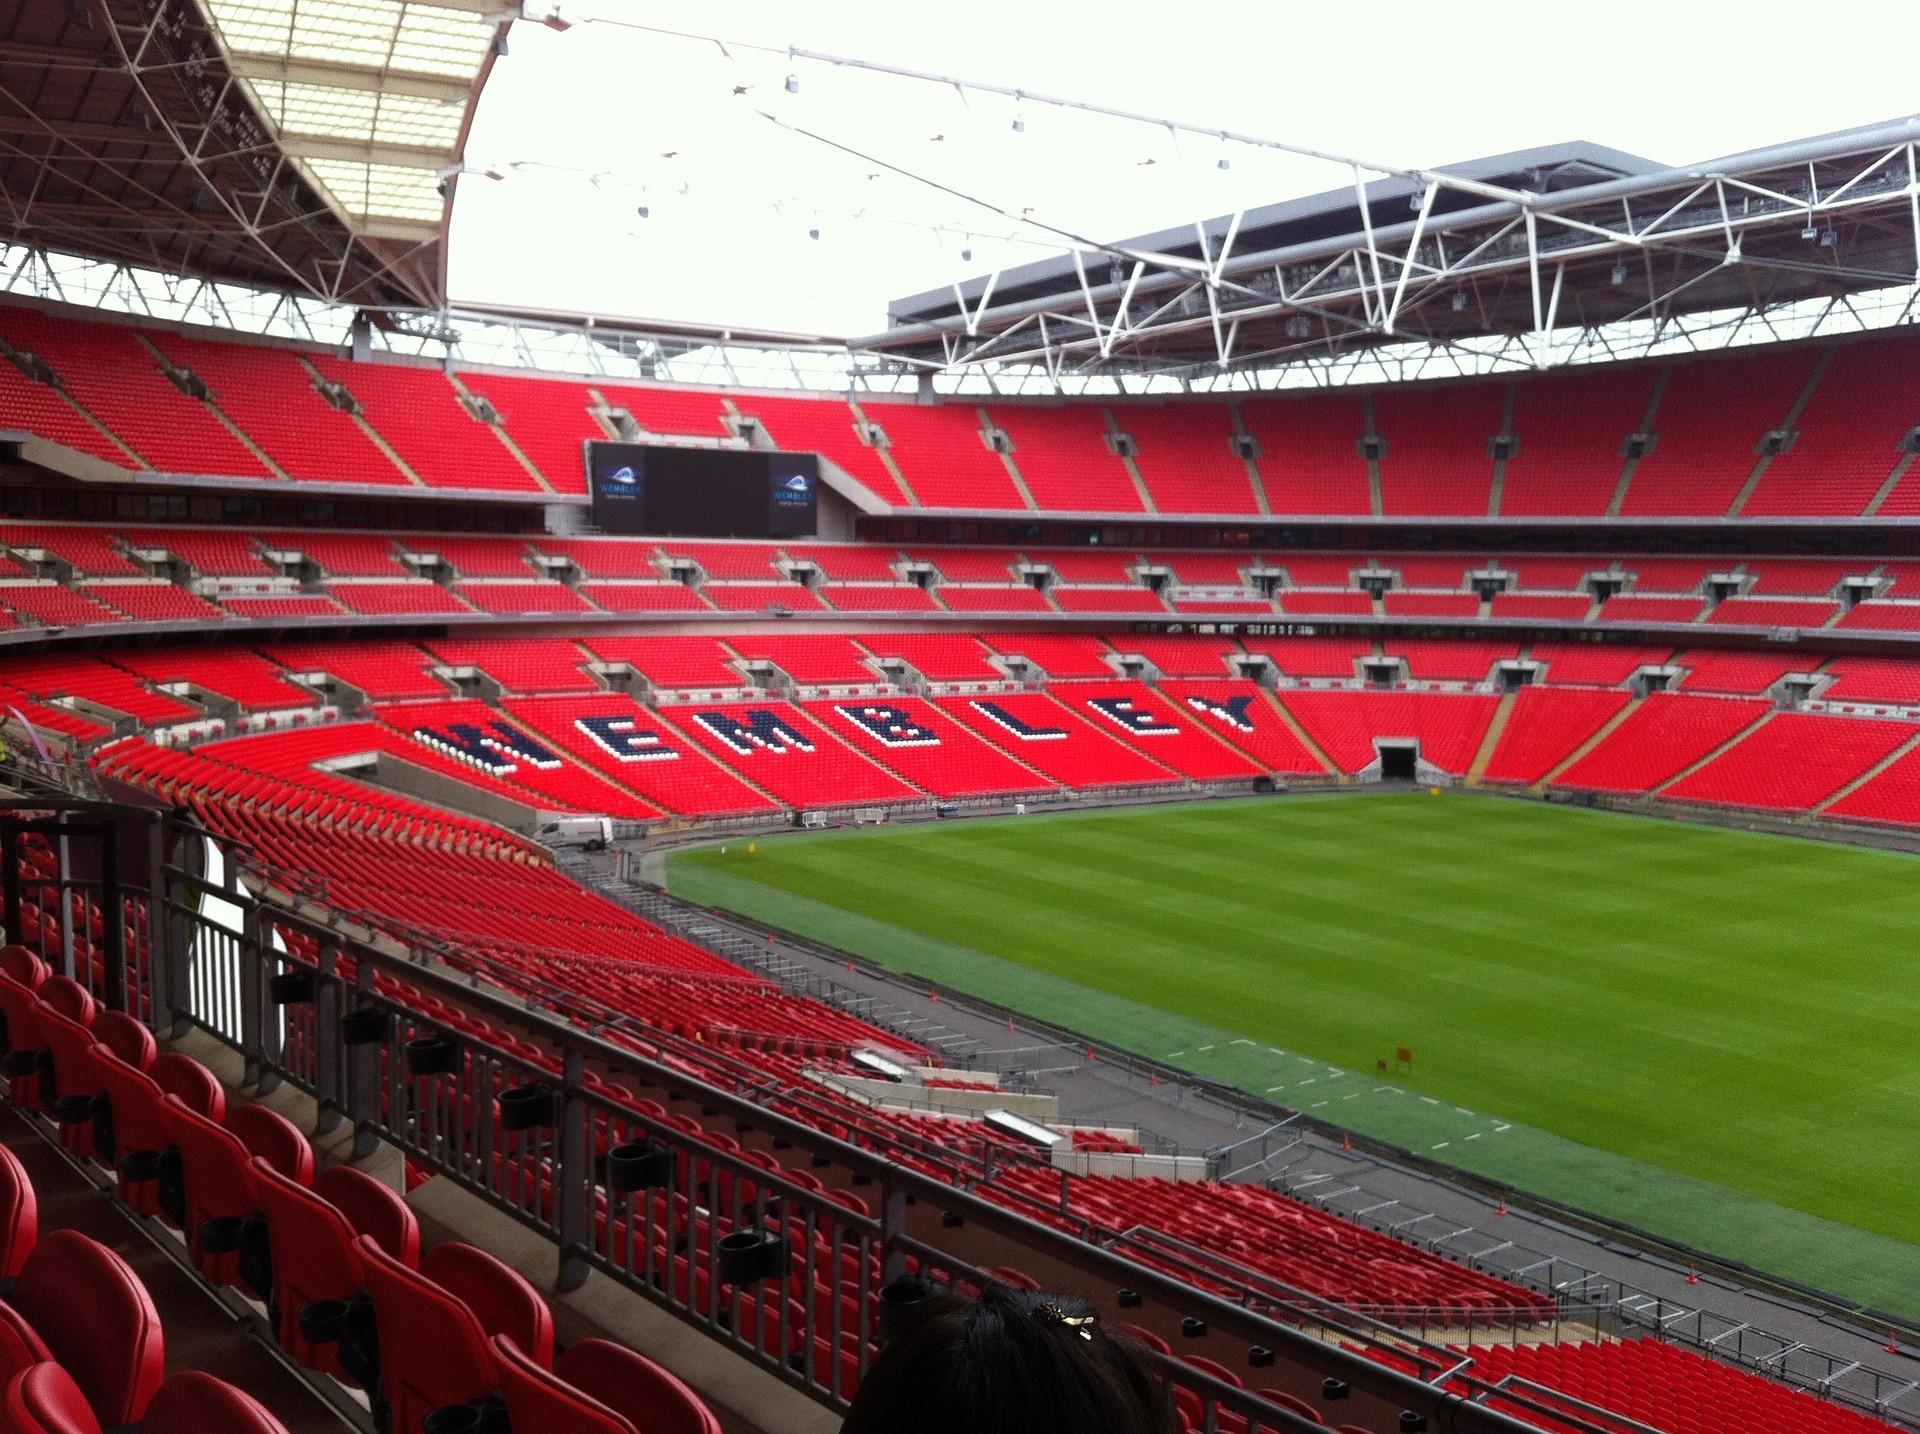 Novo estádio de Wembley, inagurado em 2007 em Londres